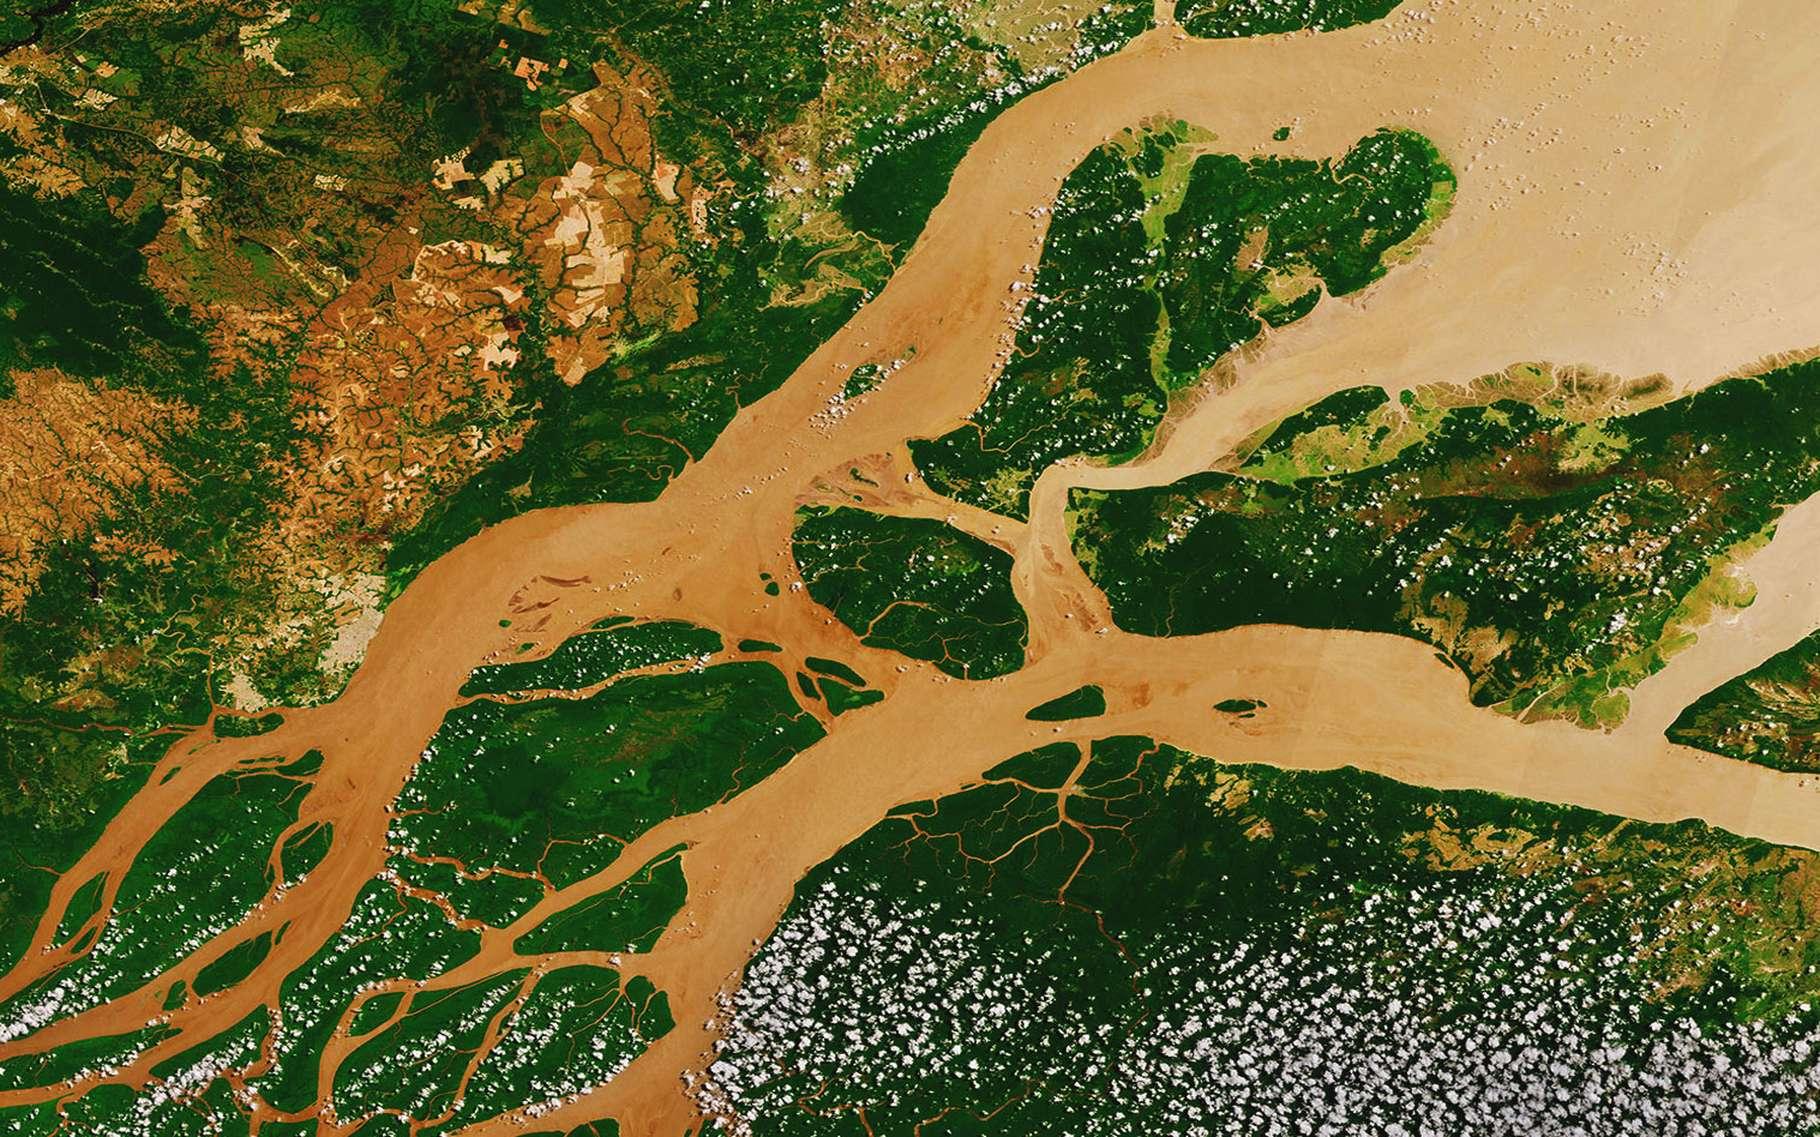 En 1889, Albert Samain écrivait « Conçu dans l'ombre aux flancs augustes de la Terre, le Fleuve prend sa vie aux sources du mystère ».Quelque deux siècles plus tard, les sources du mystère commencent à être éclaircies. Le fleuve est qualifié de corridor écologique, un milieu reliant des habitats essentiels pour une espèce ou une population. L'Amazone, fleuve le plus long du monde situé en Amérique du Sud, abrite une faune d'une grande richesse. Y nagent des milliers d'espèces de poissons, d'amphibiens, de crabes, et de tortues.© ESA, CC by-sa 3.0 IGO